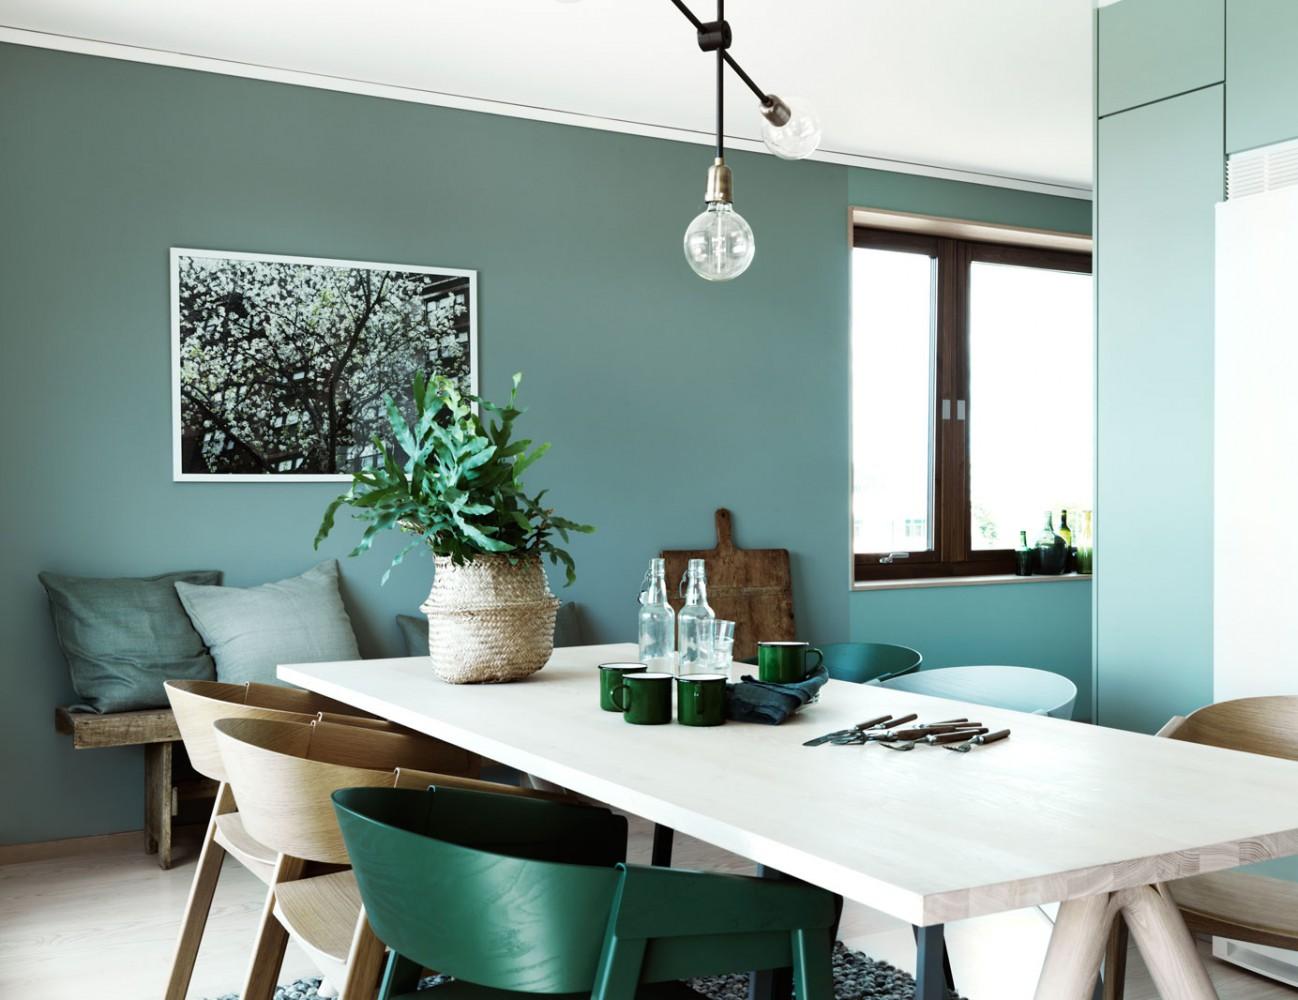 Binnenkijken wonen in het groen stijlvol styling for Colores para living